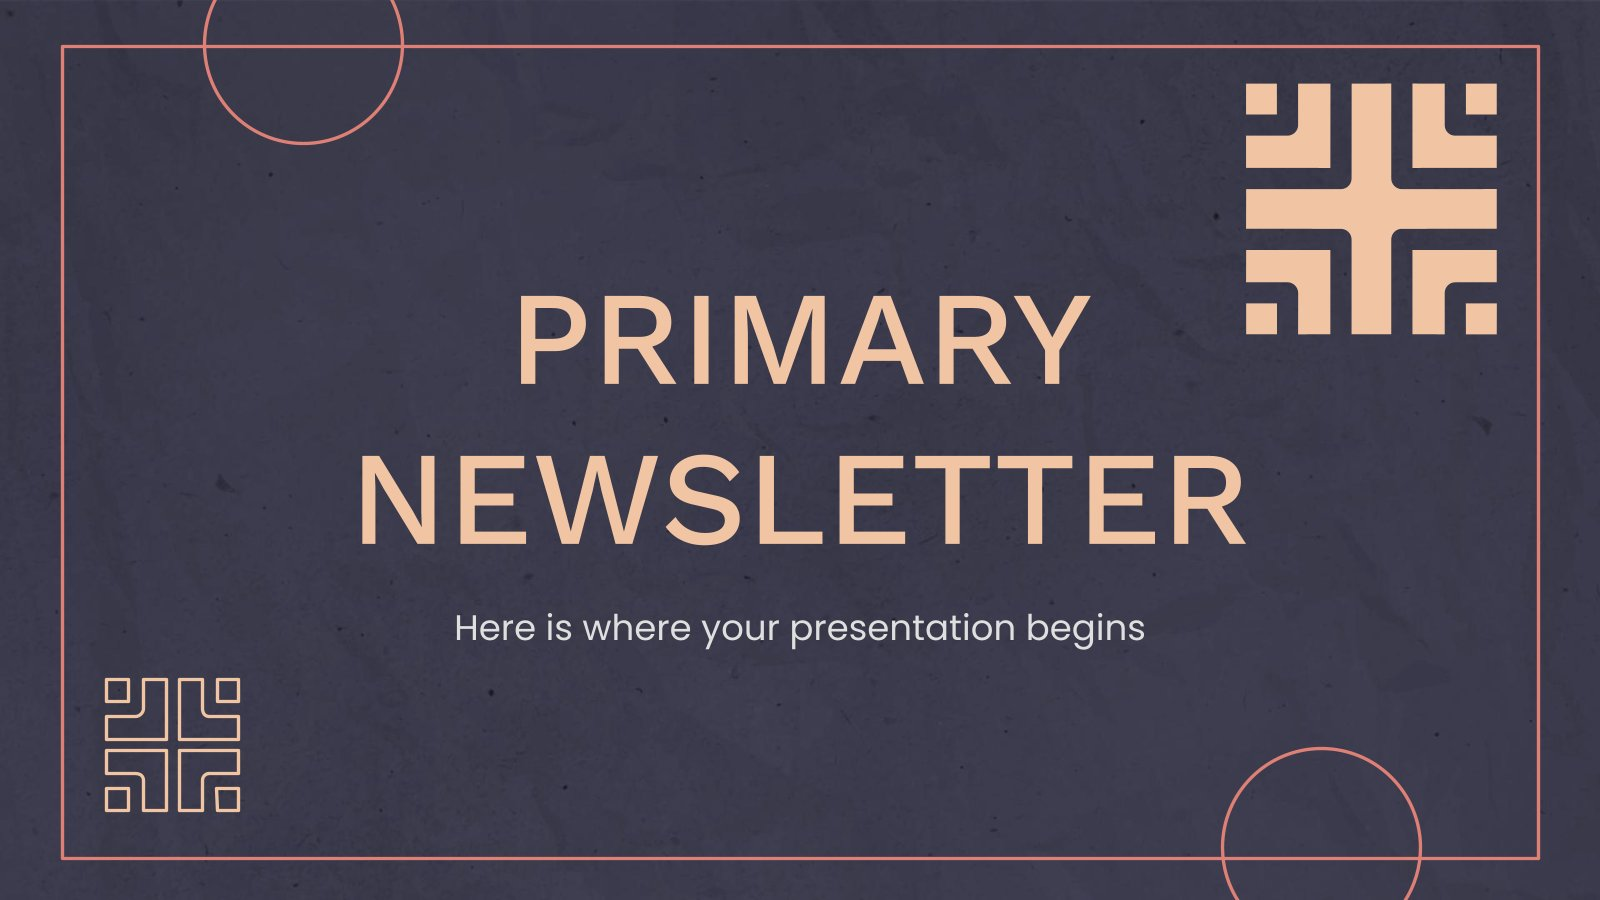 Ein unverzichtbarer Newsletter Präsentationsvorlage